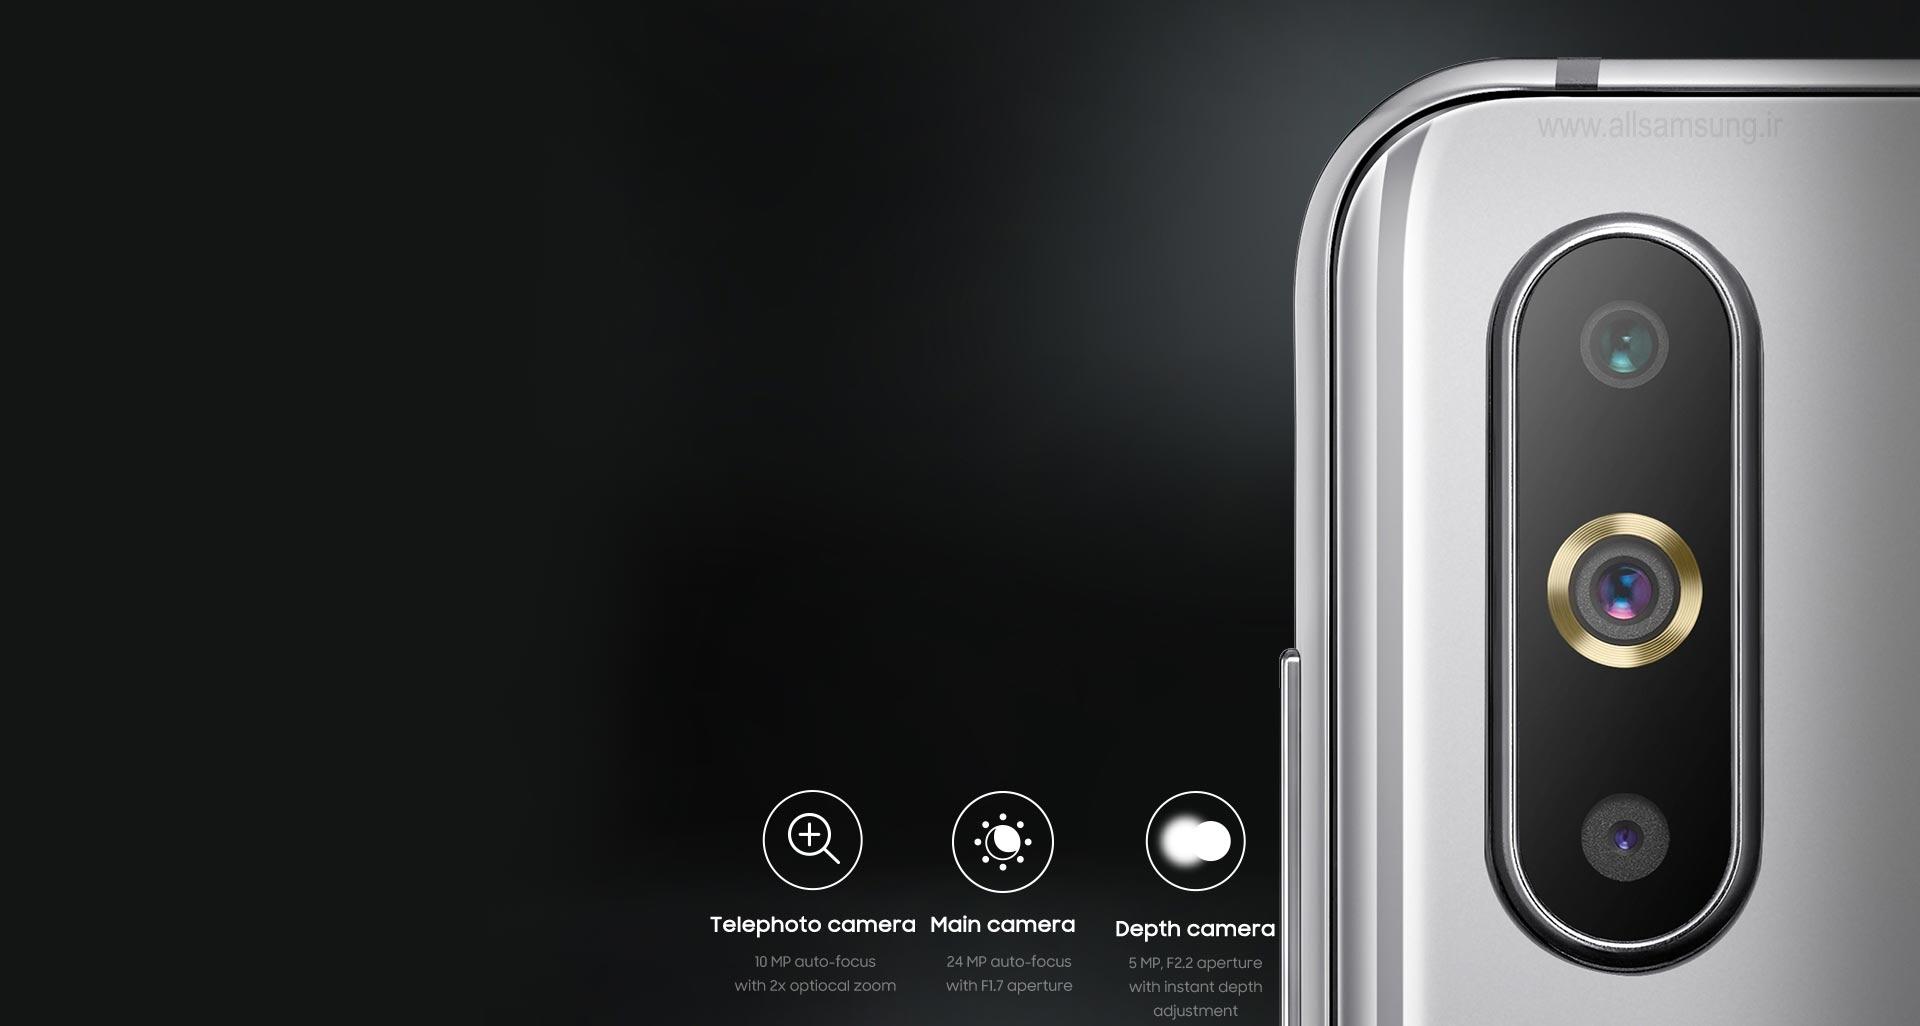 دوربین سه گانه گوشی گلکسی A8s برای تصاویری شگرف